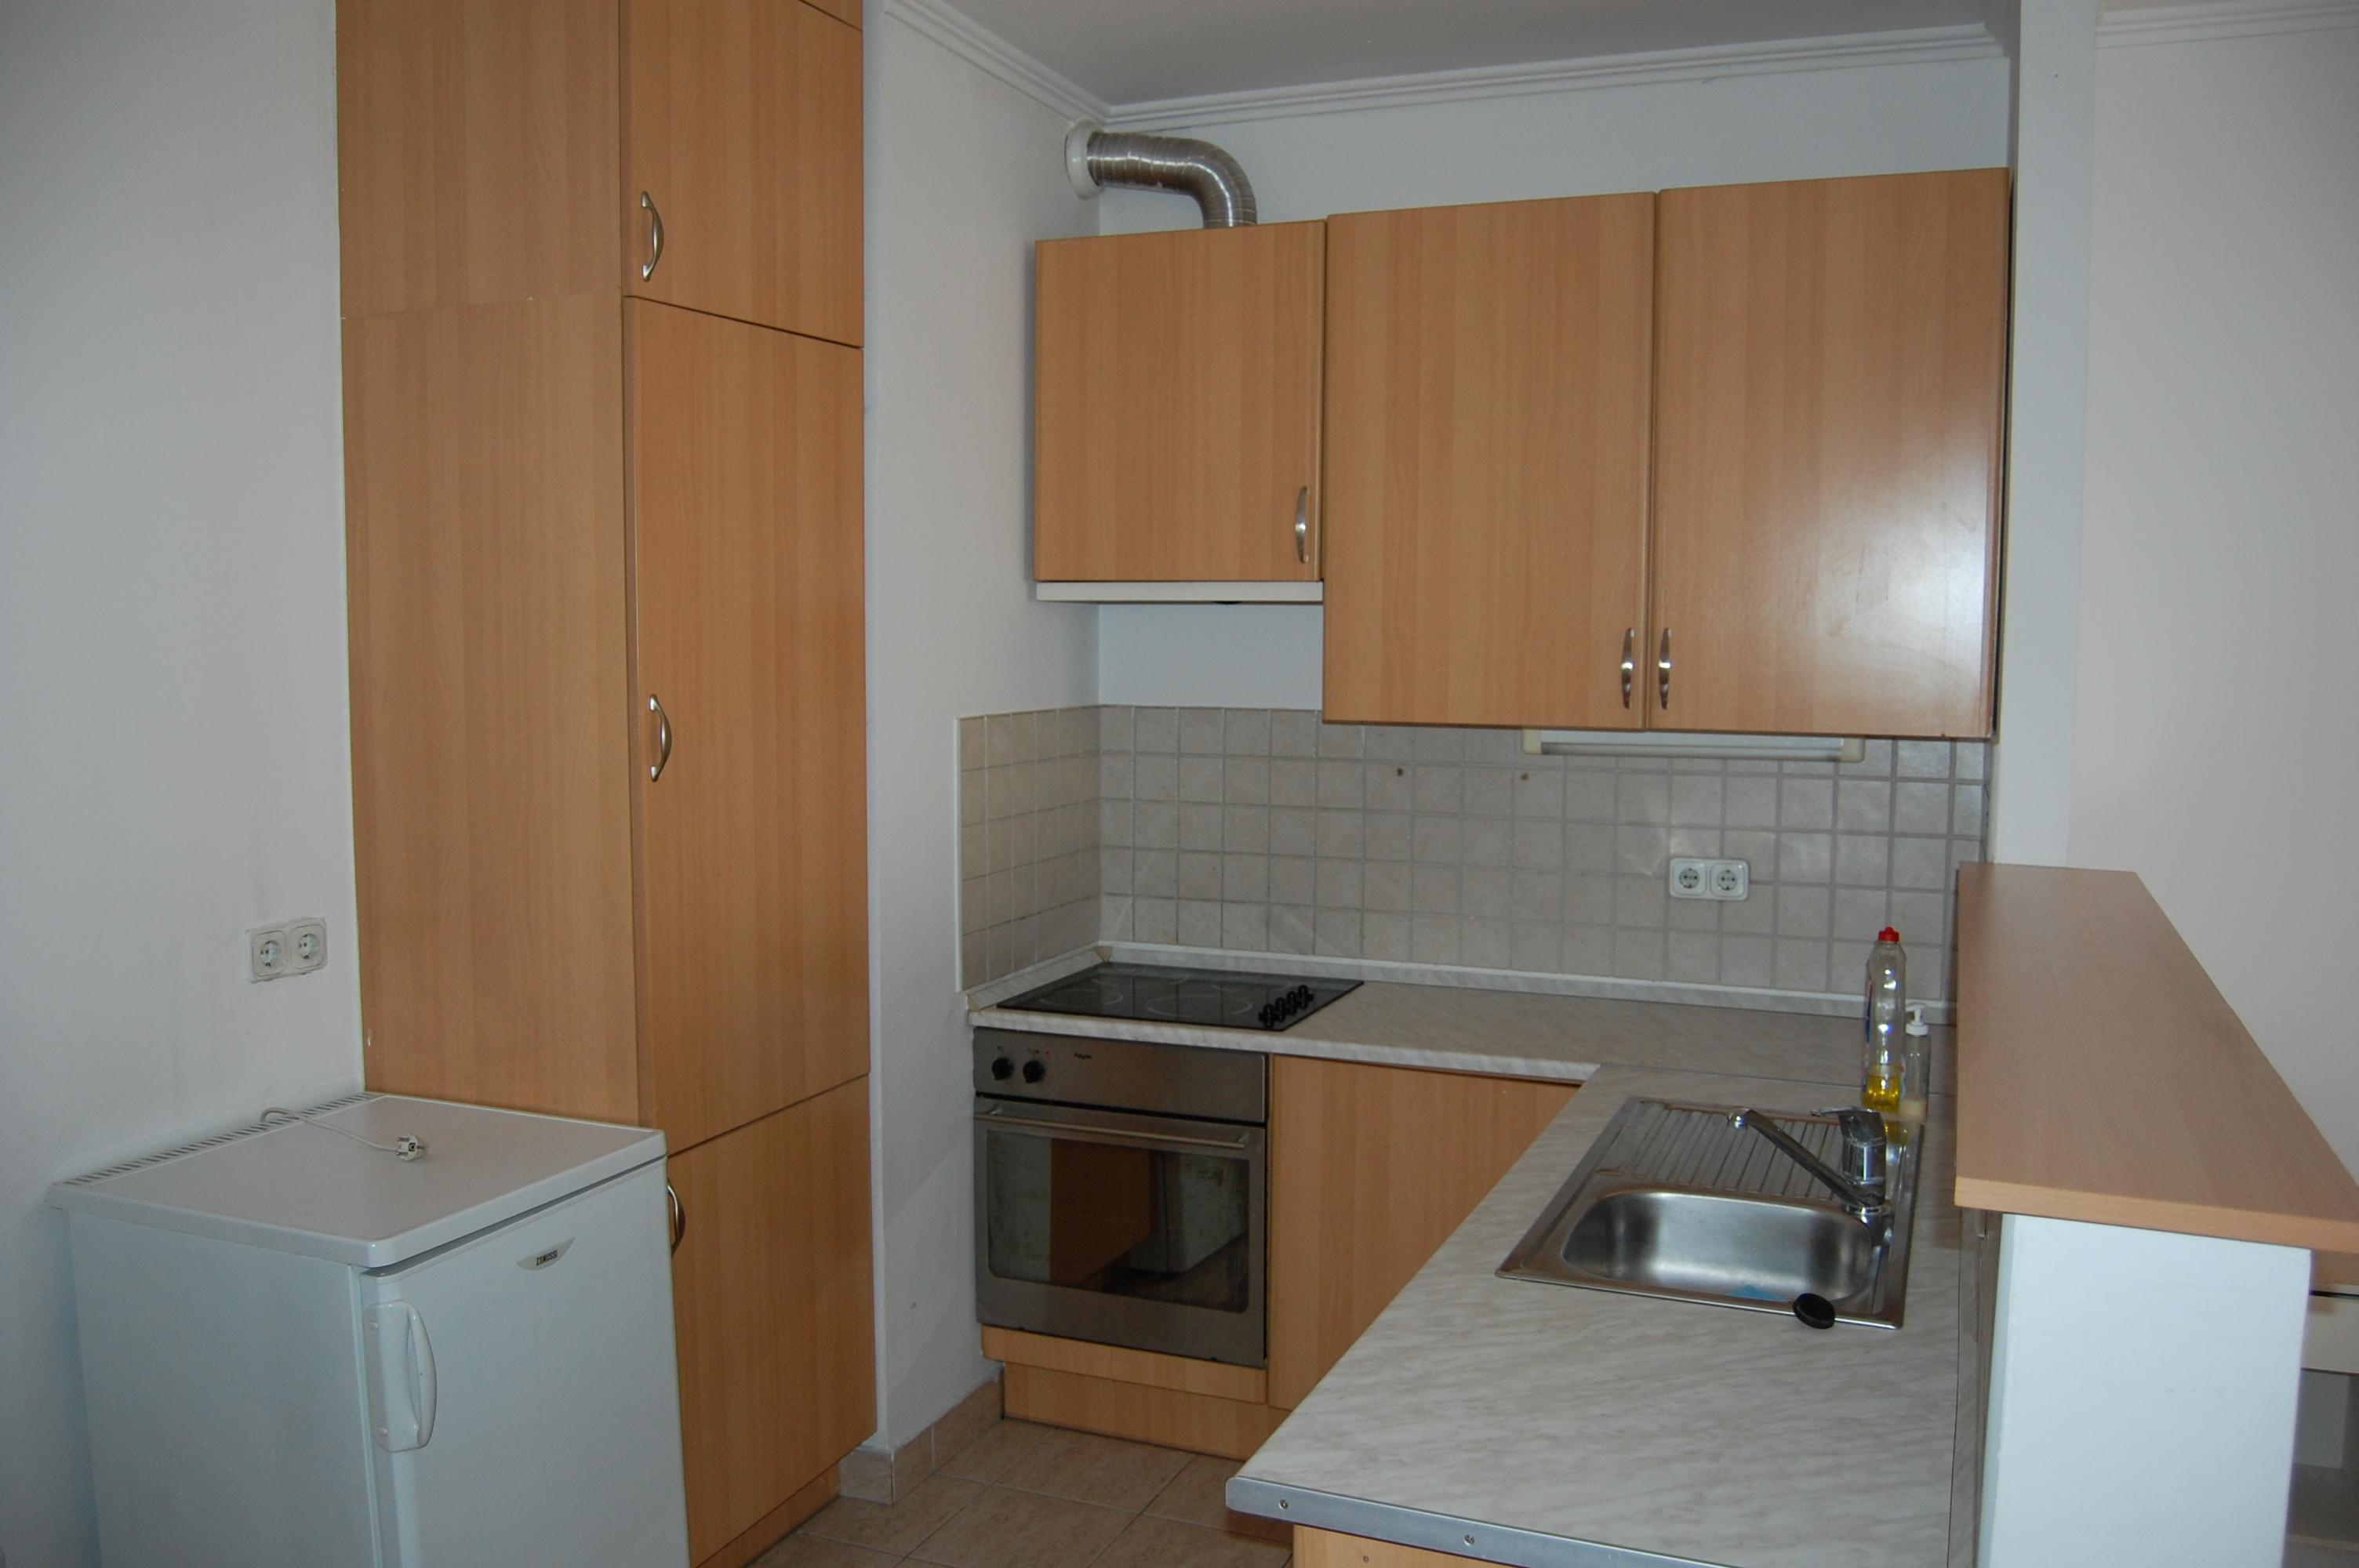 Eladó Lakás - Budapest IX. kerület Középső-Ferencváros - Rehabilitációs terület Páva utca (Mester utca)